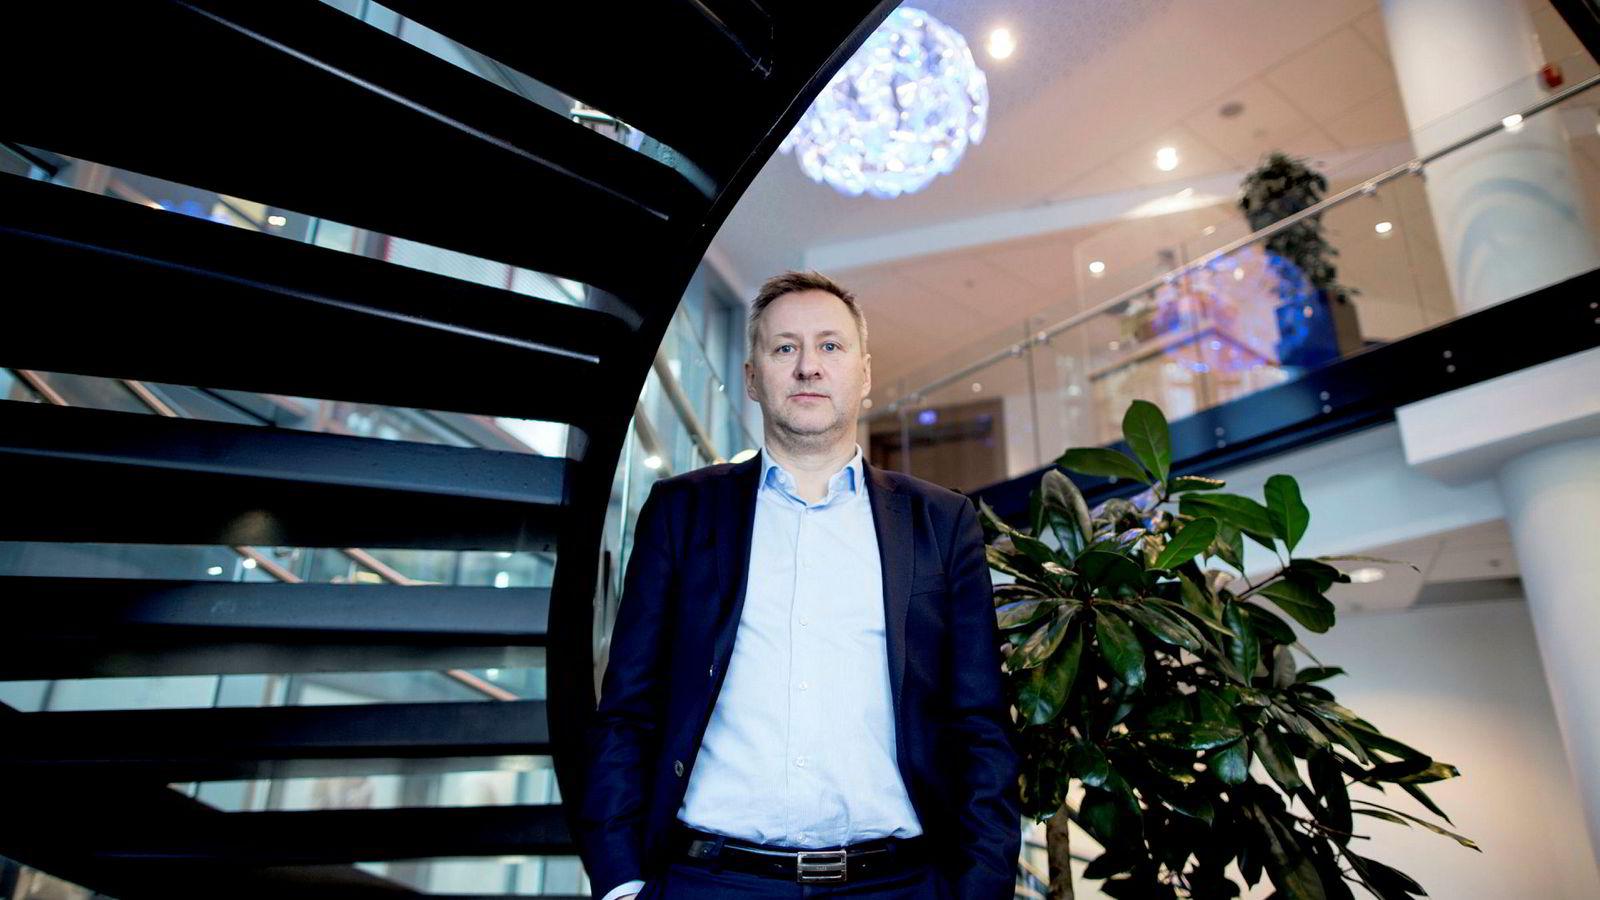 Sjeføkonom Frank Jullum i Danske Bank er overbevist om at norsk økonomi kommer til å klare seg svært bra gjennom 2019.